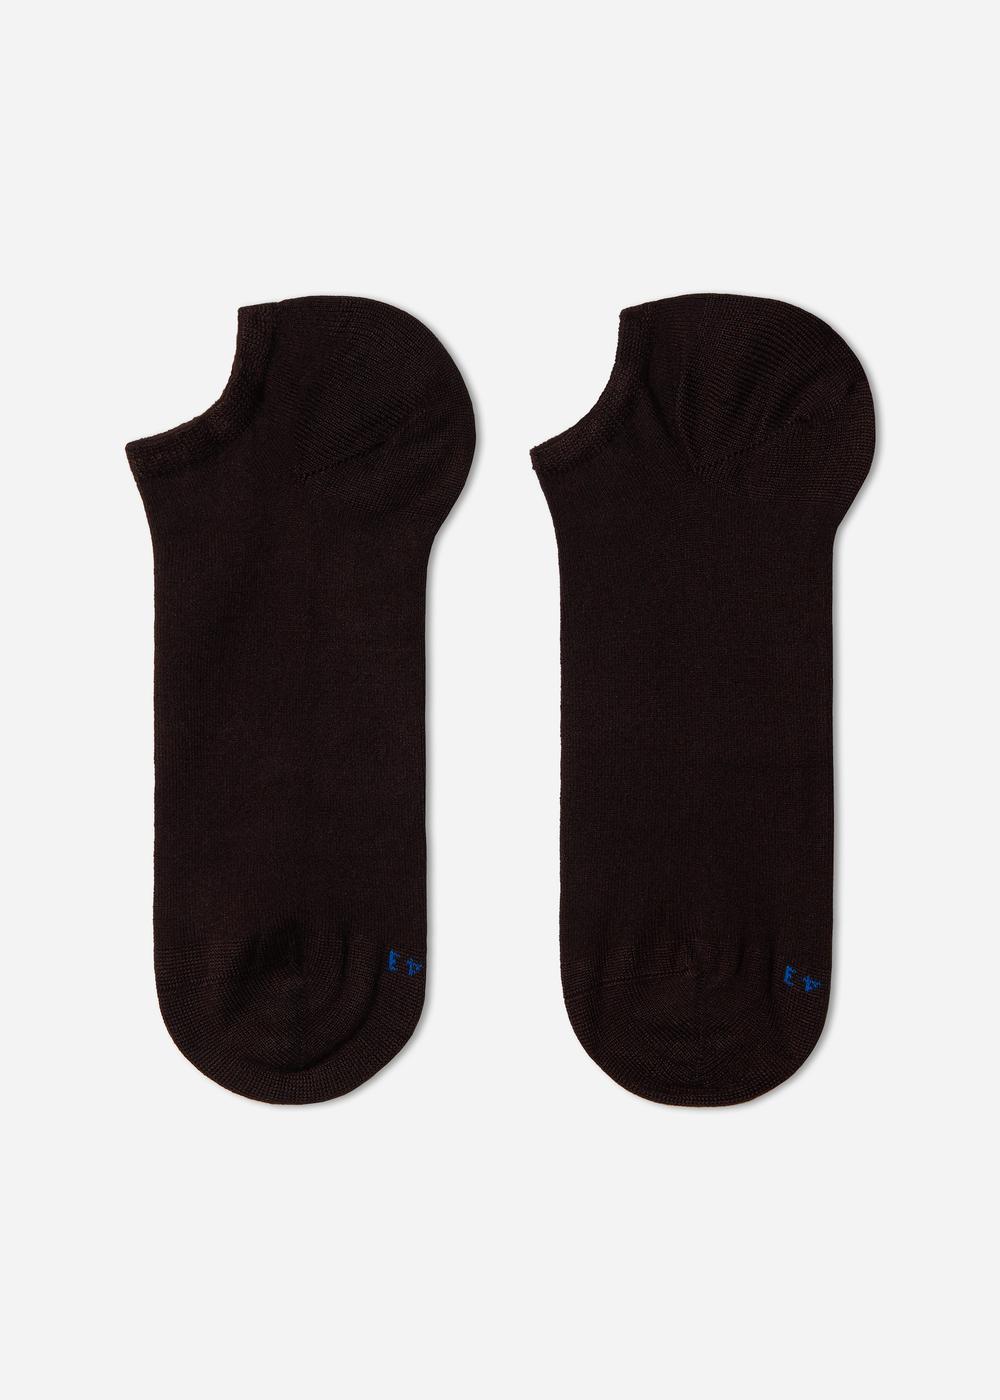 Chaussettes invisibles en cachemire